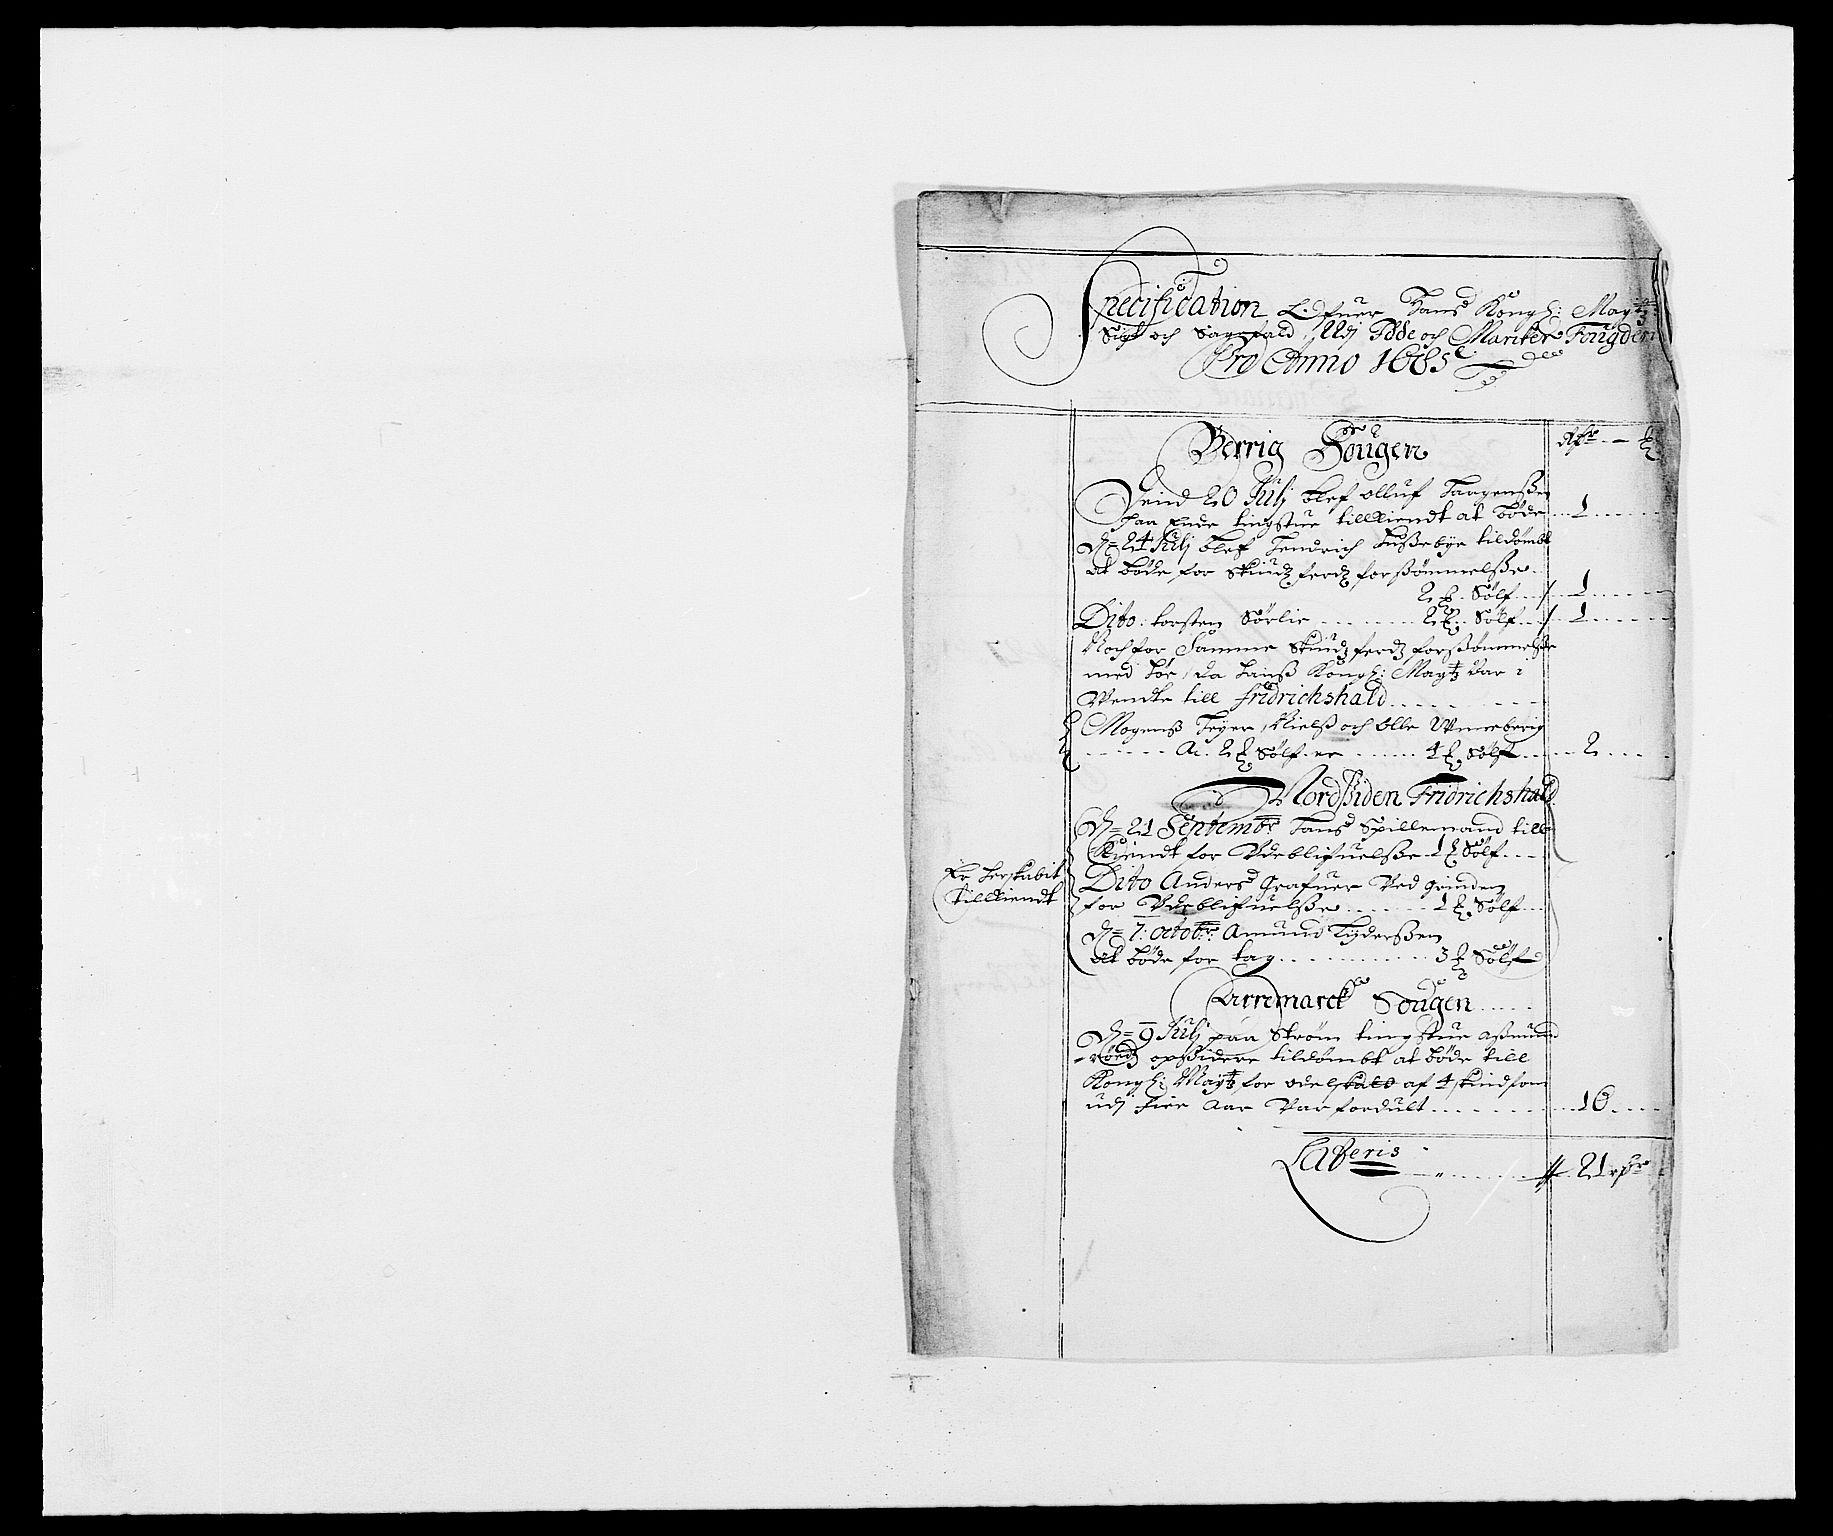 RA, Rentekammeret inntil 1814, Reviderte regnskaper, Fogderegnskap, R01/L0006: Fogderegnskap Idd og Marker, 1685-1686, s. 66